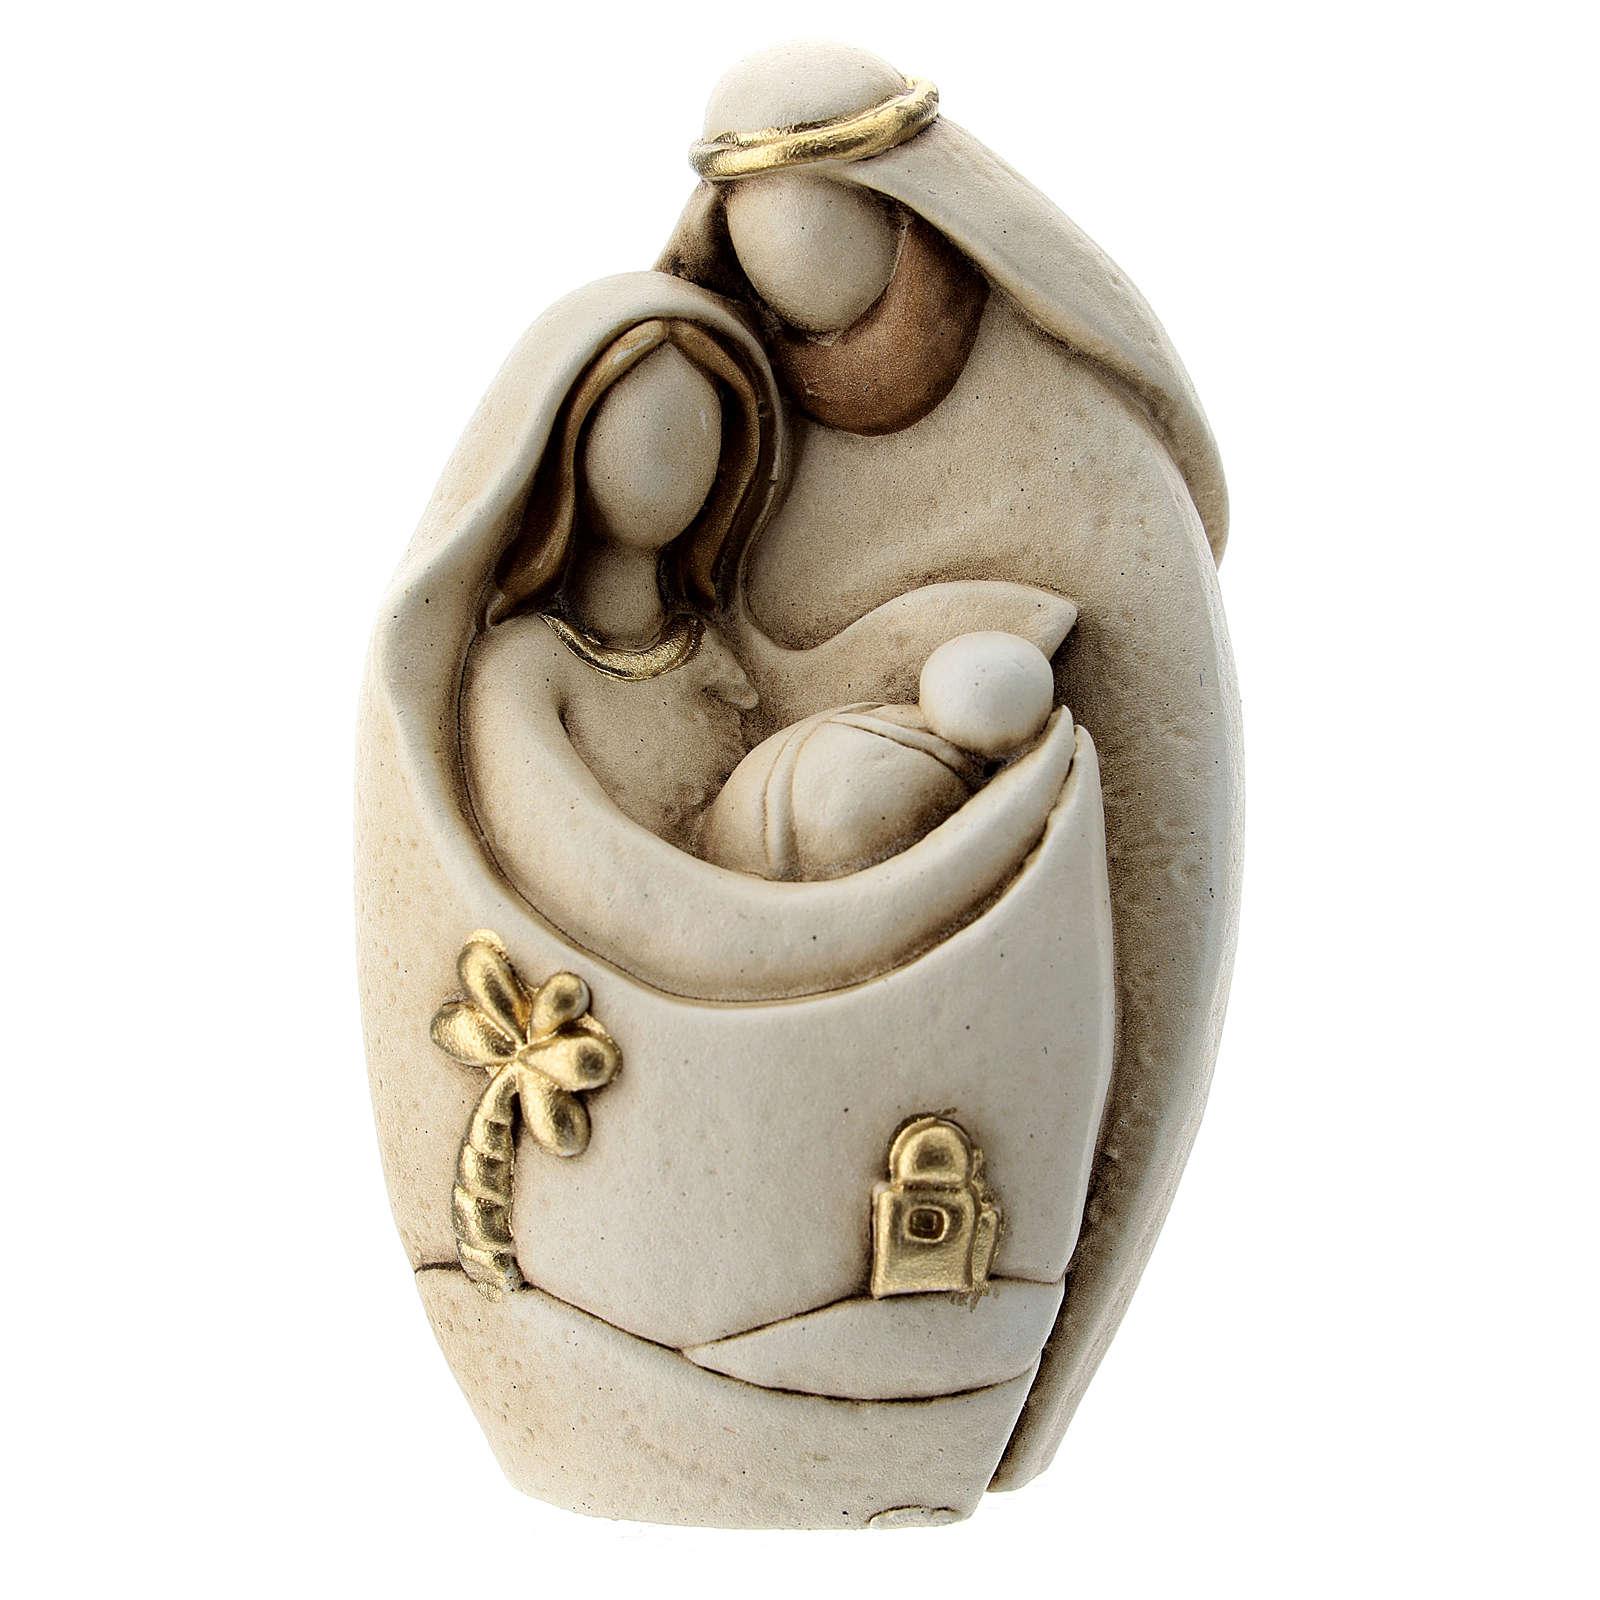 Composizione moderna Natività stile arabo resina 10 cm 3